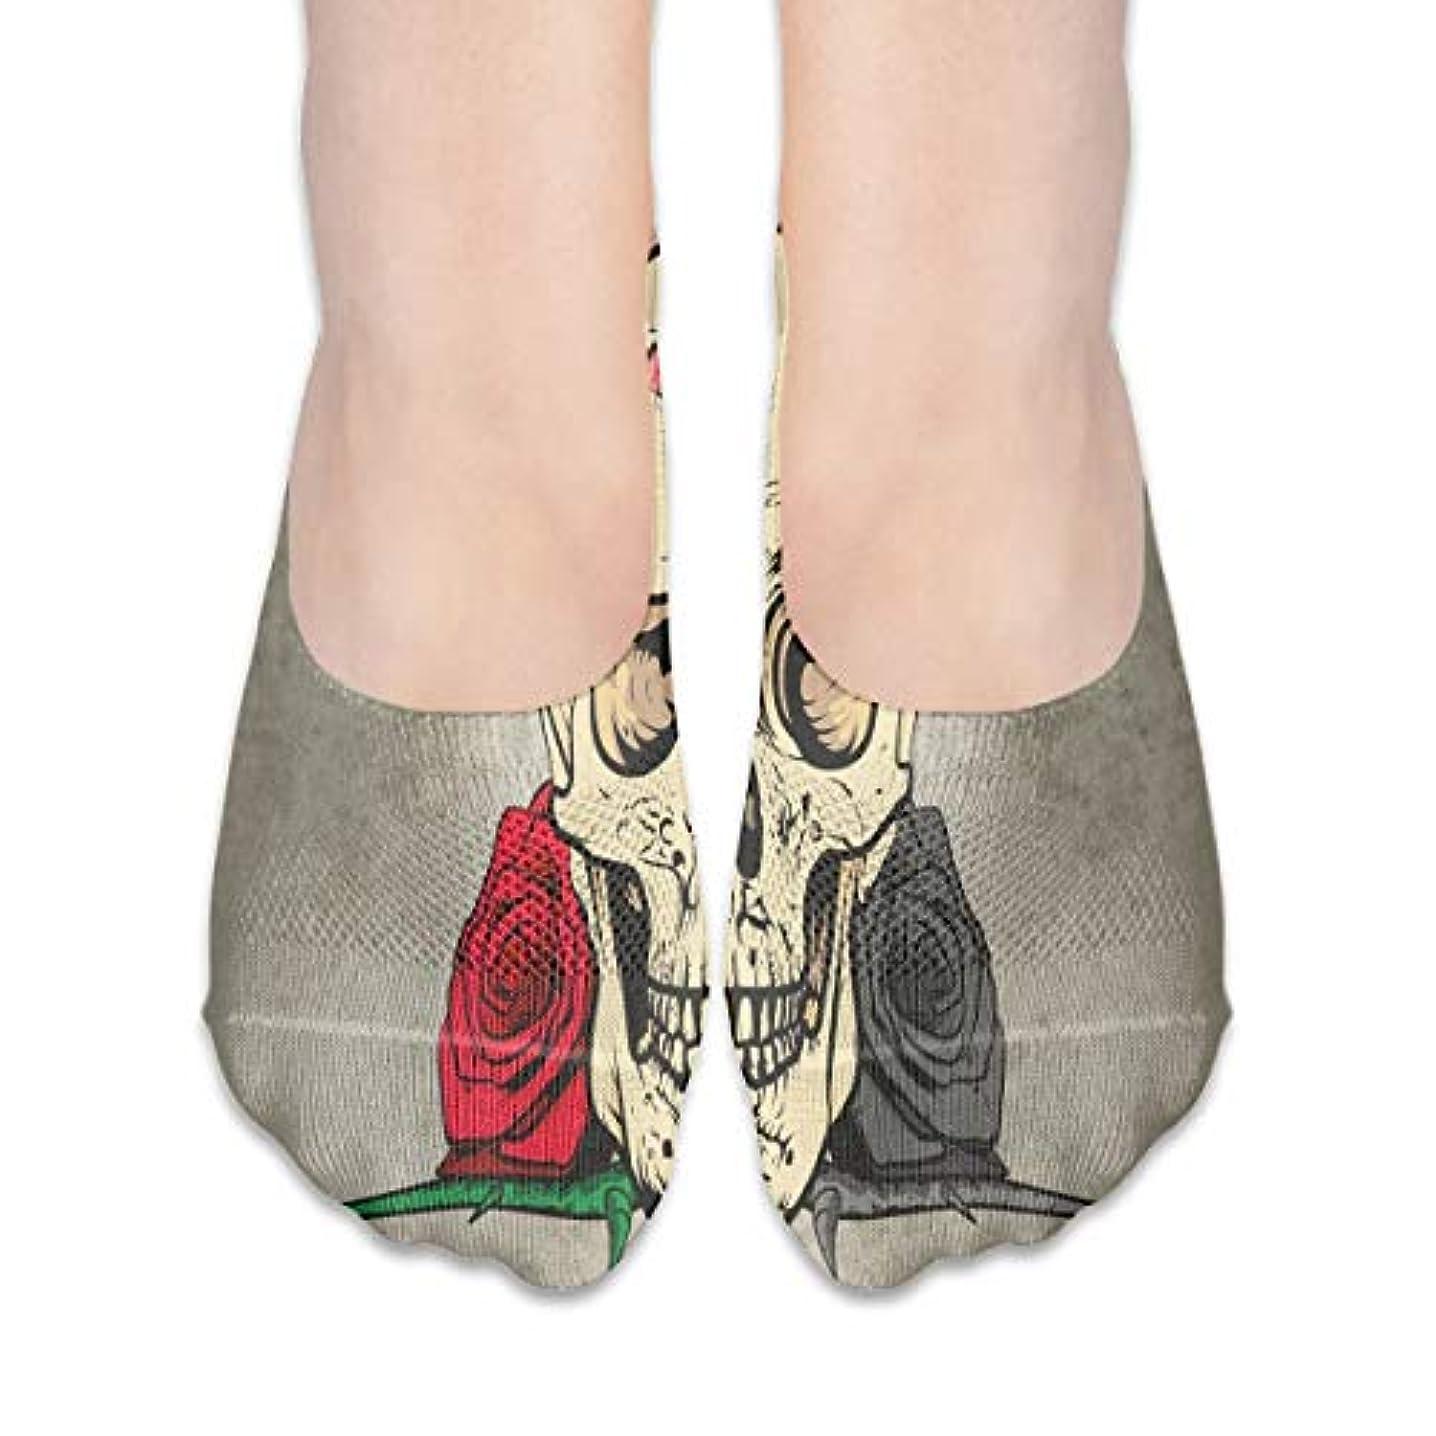 バッジスキャン経営者女性の頭蓋骨の赤いバラローカットコットンボート隠し目に見えない靴下